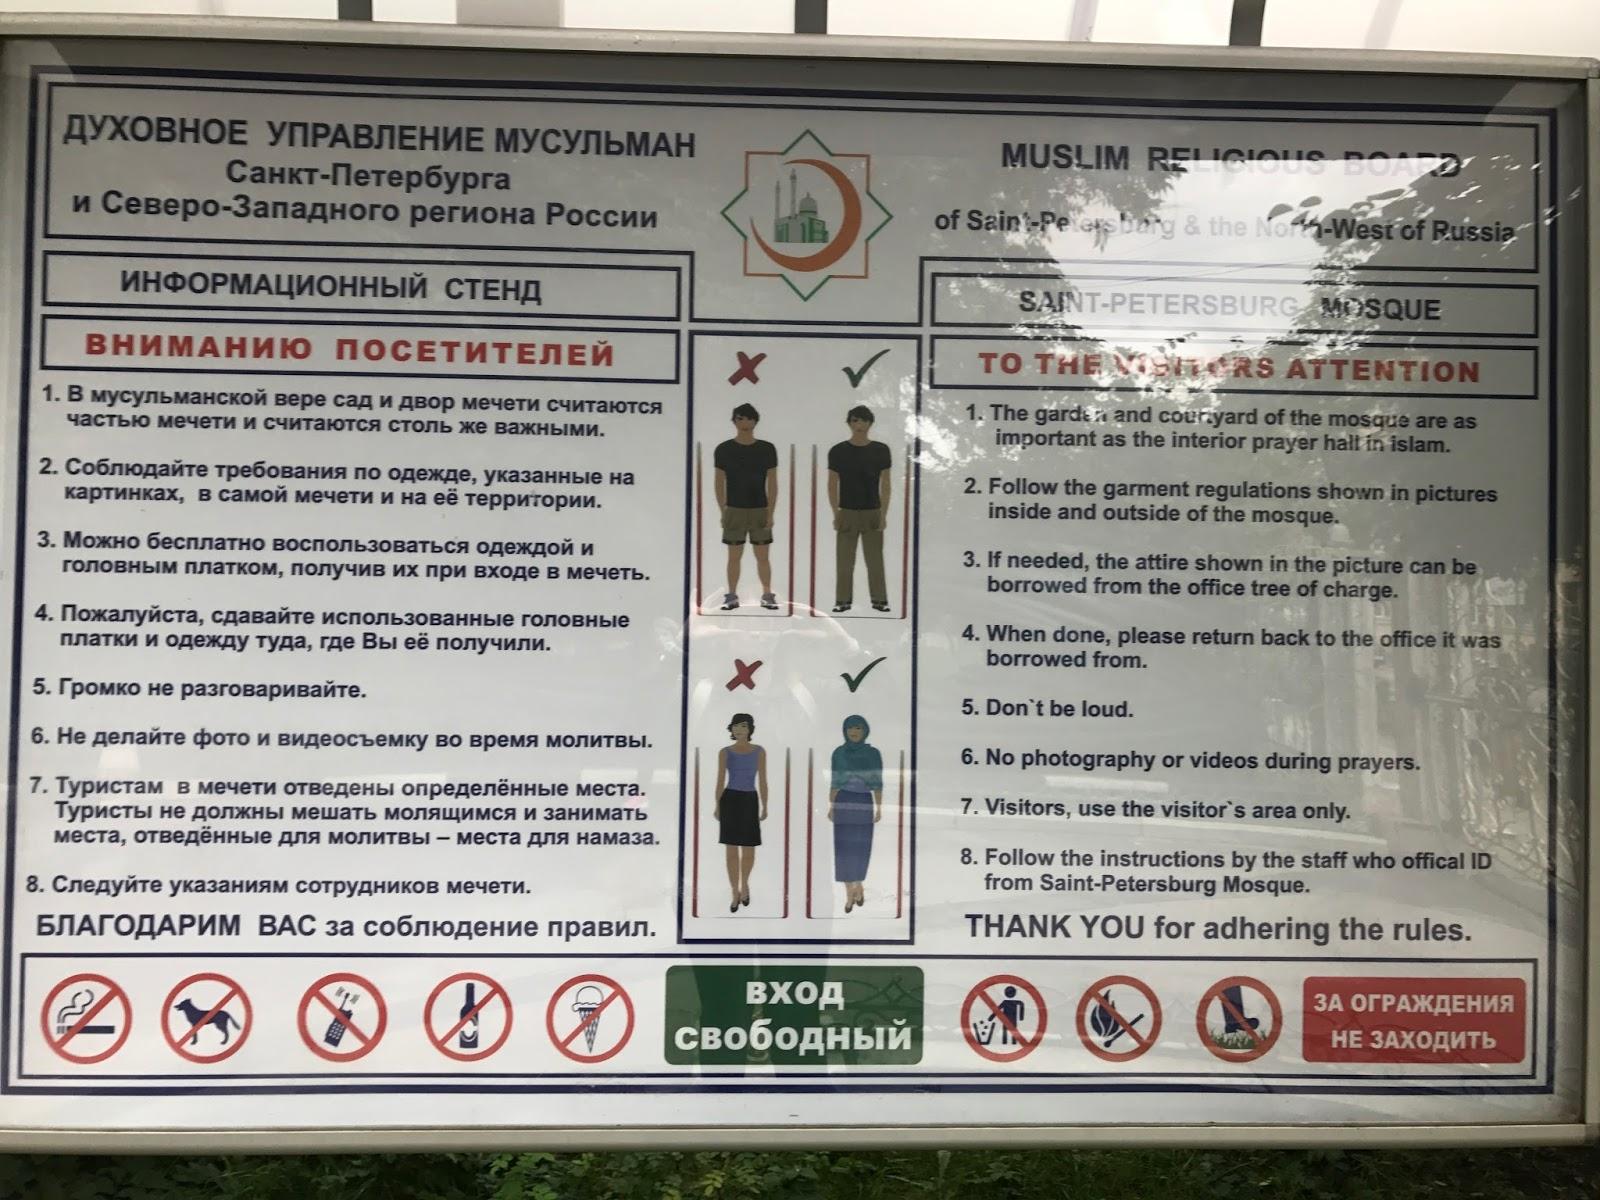 St. Petersburg Mosque - informações de trajes para entrada